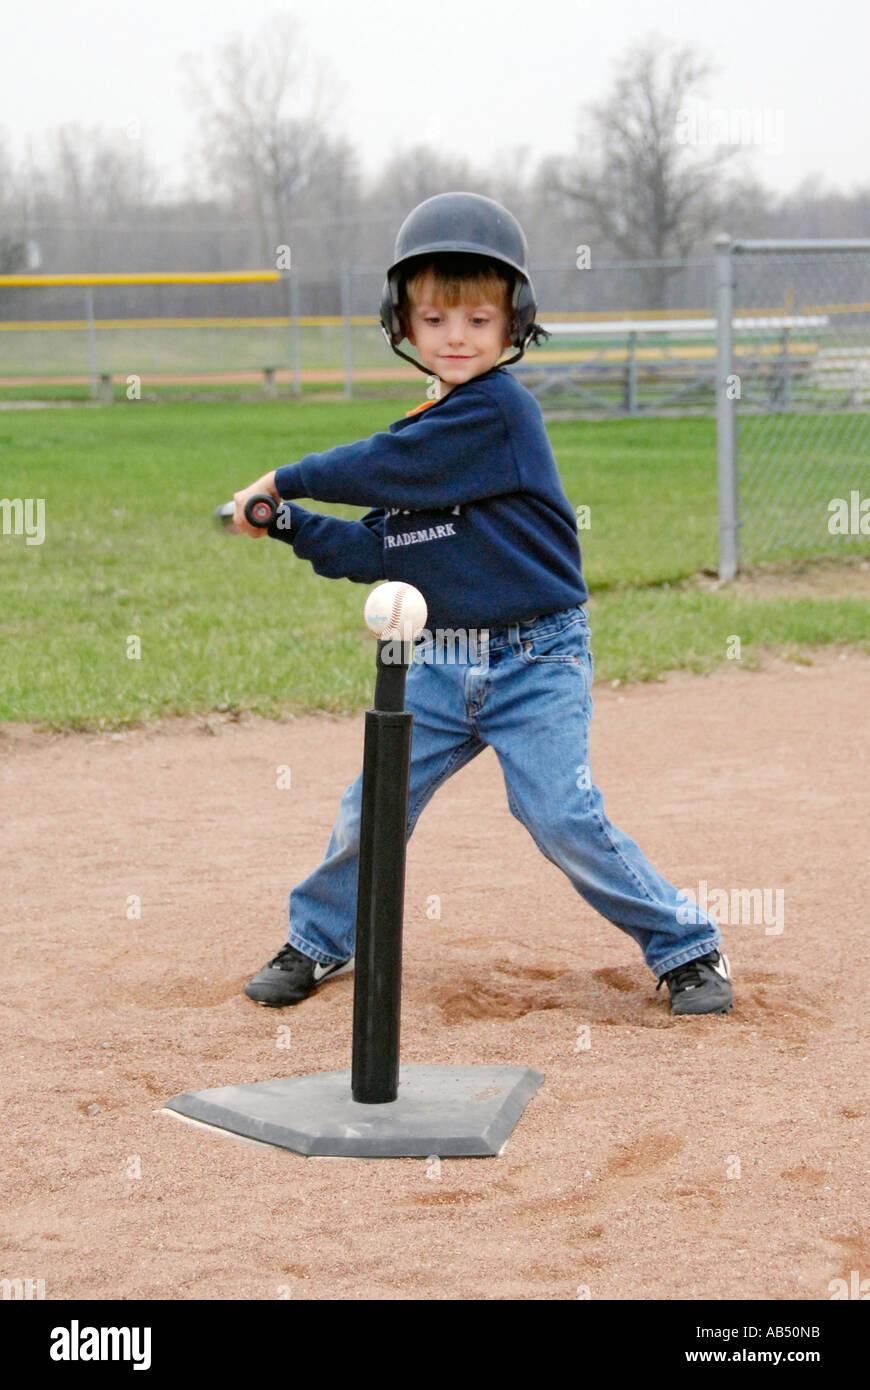 How Baseball Works | HowStuffWorks